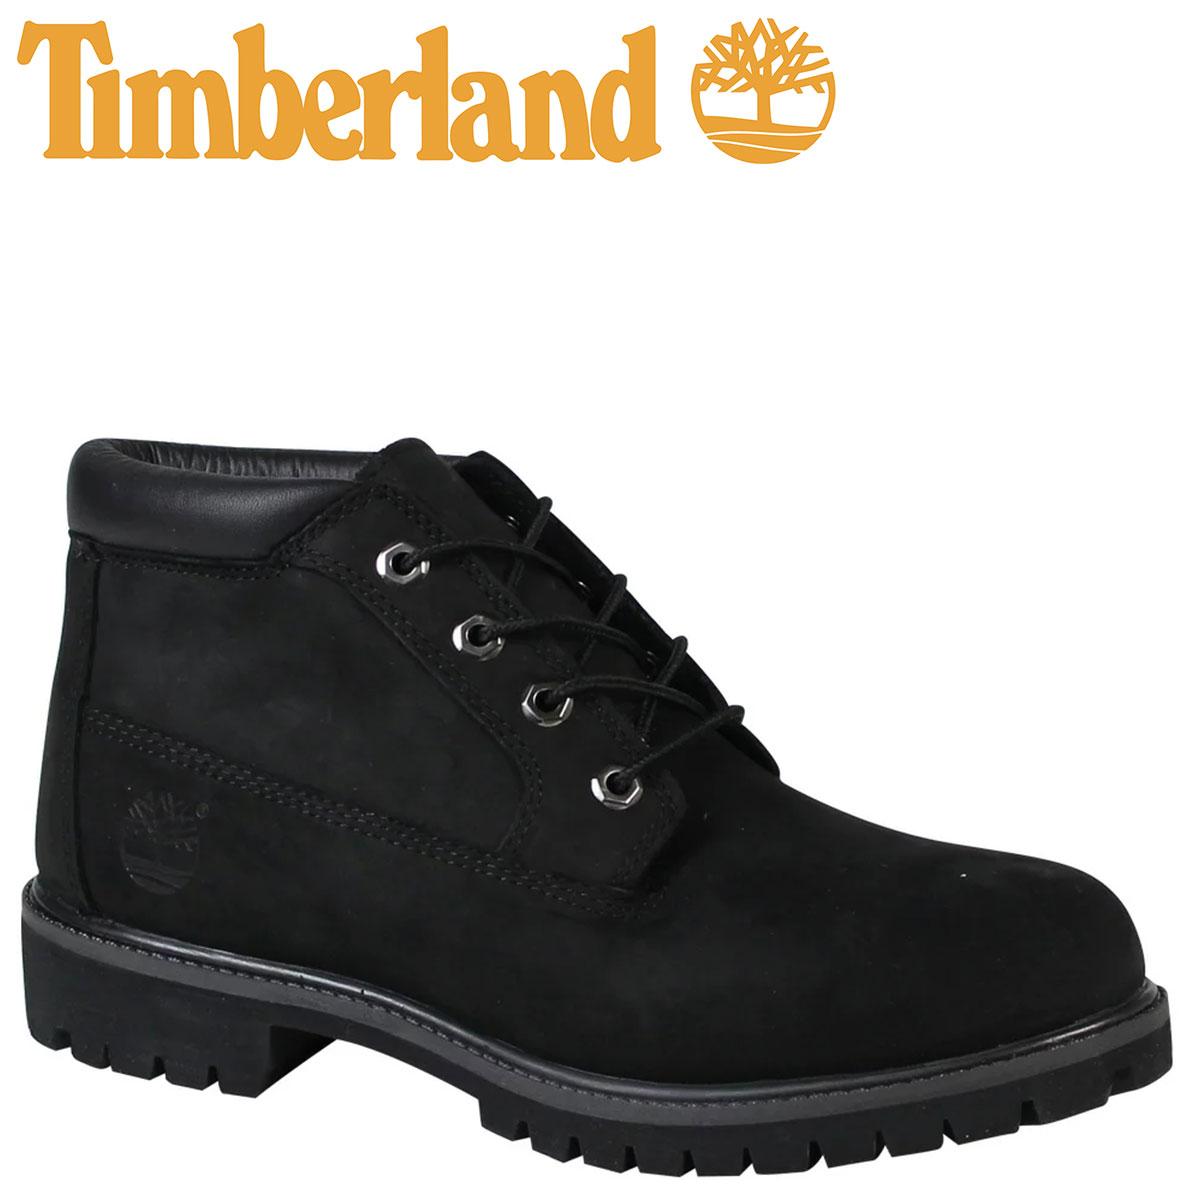 Timberland ICON WATERPROOF CHUKKA 32085 ティンバーランド ブーツ チャッカ メンズ Mワイズ 防水 ブラック [7/26 追加入荷] [1187]